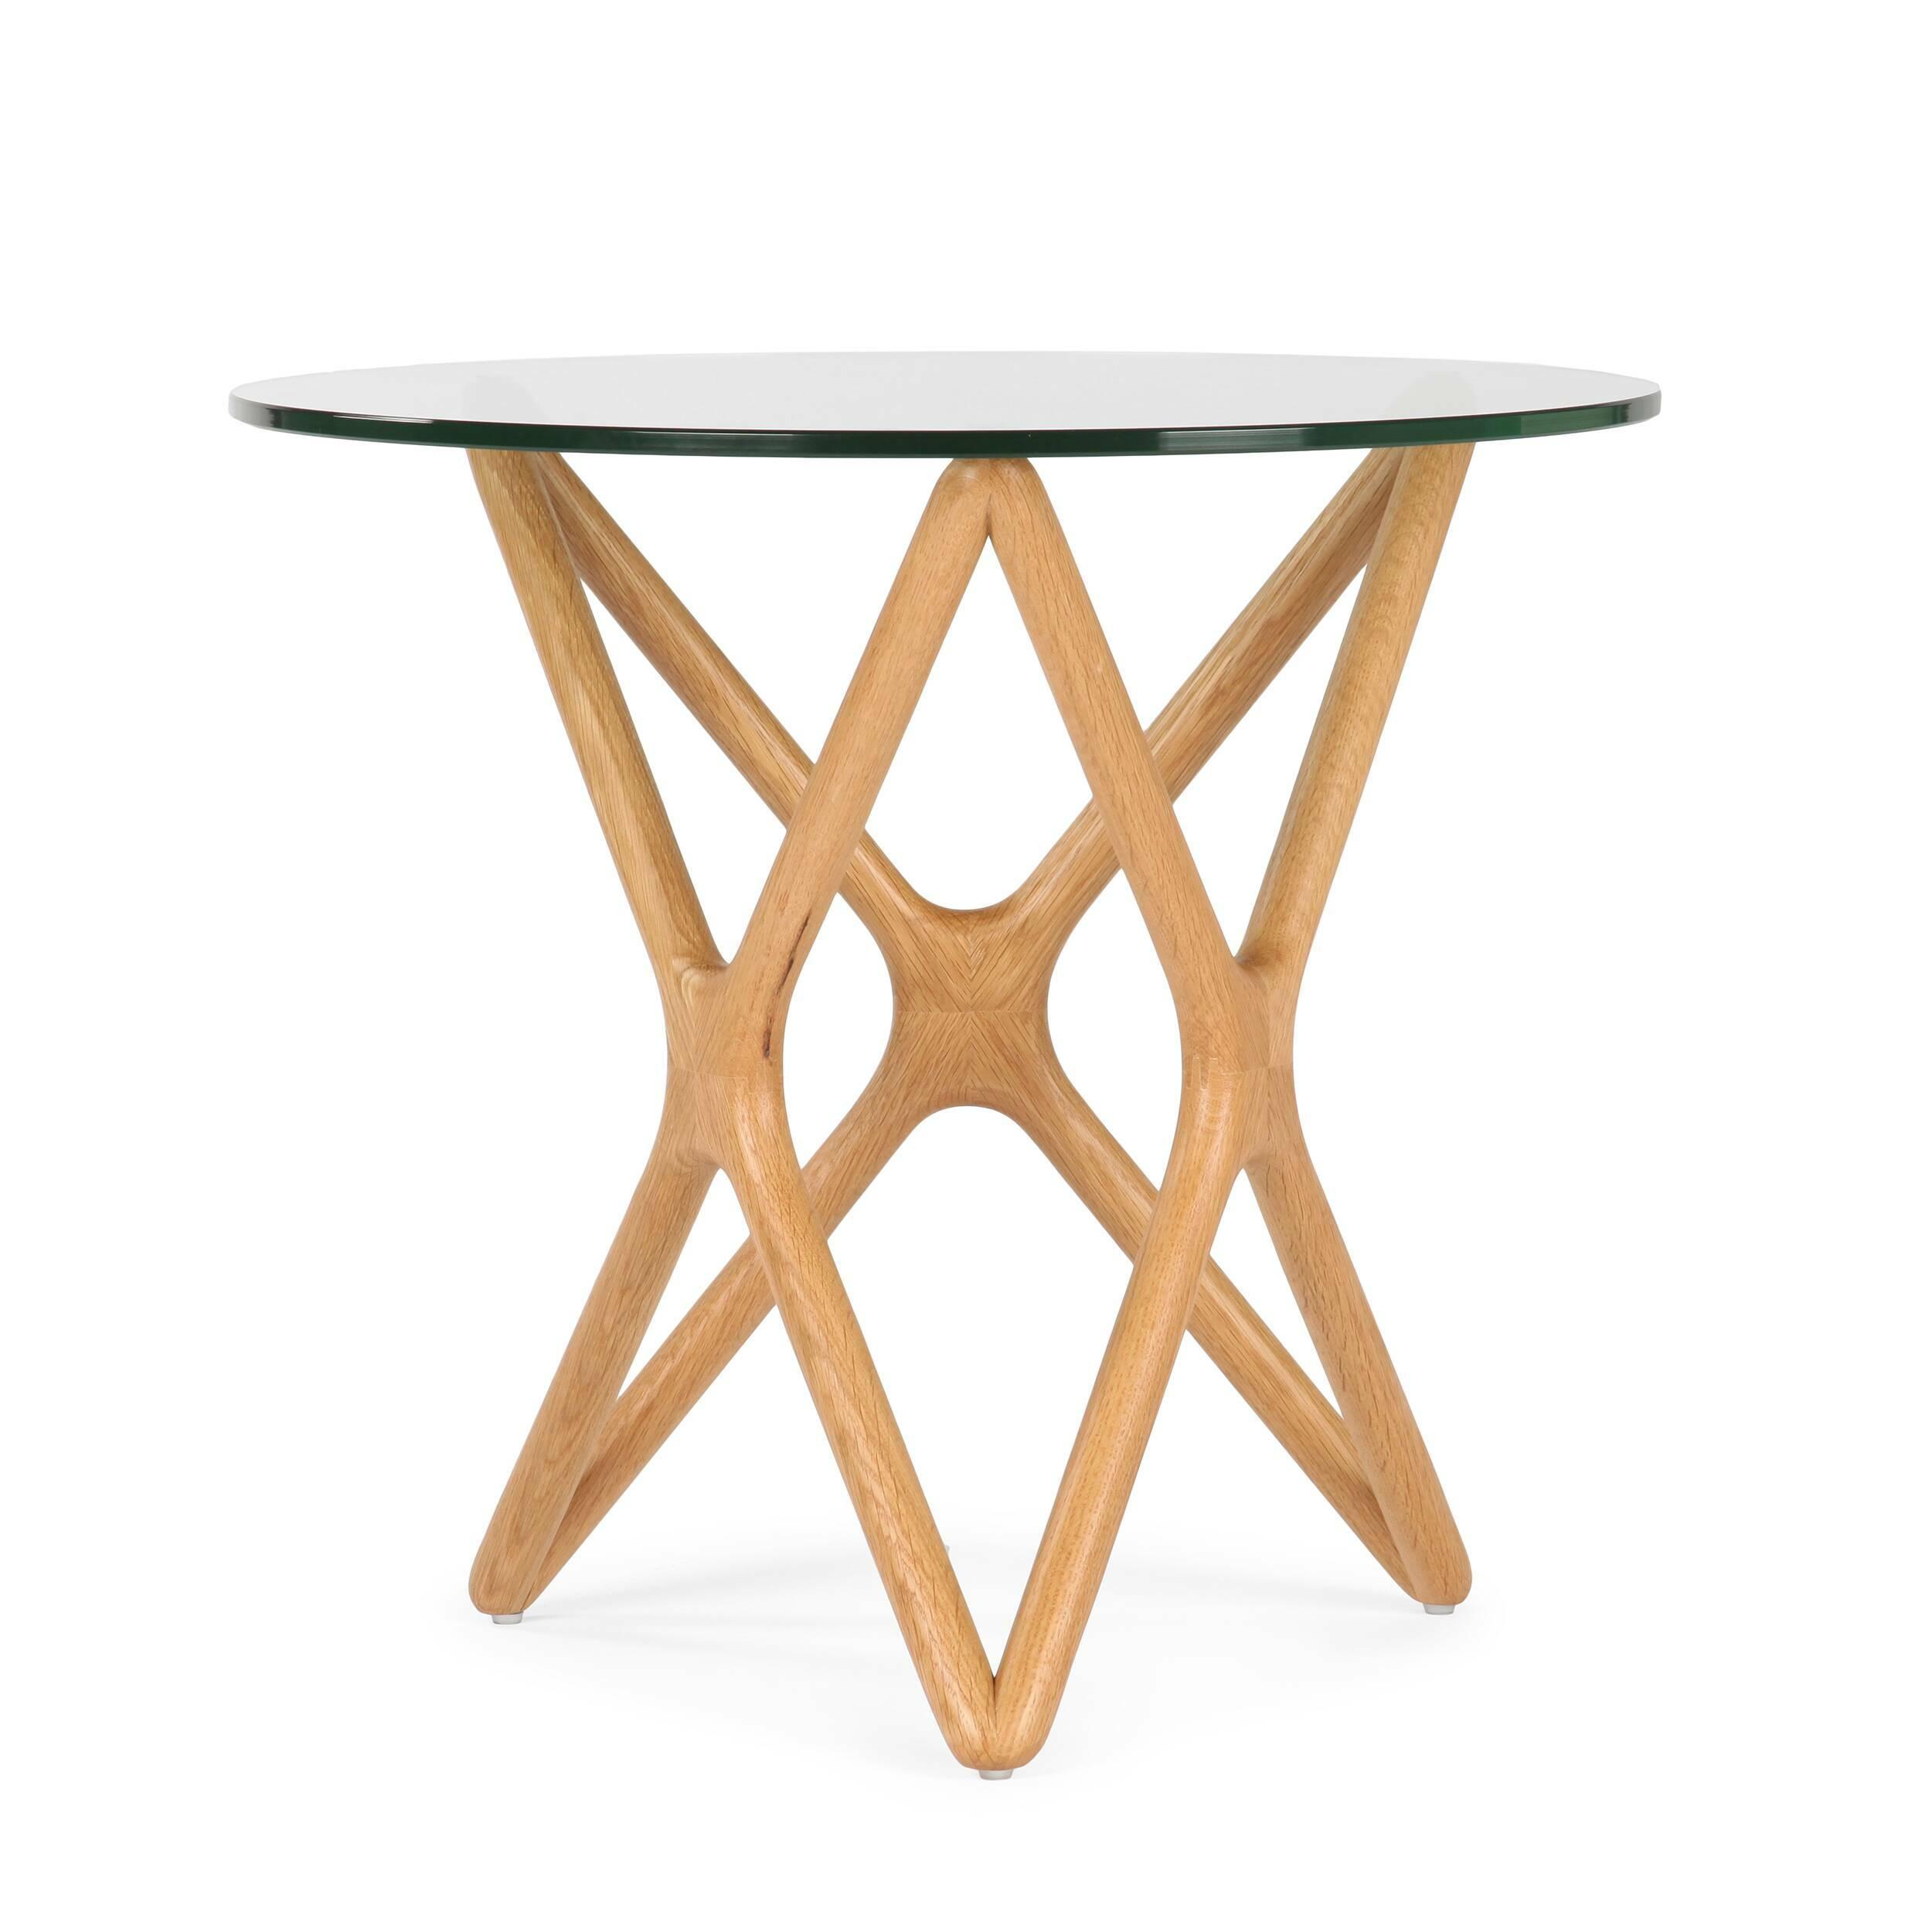 Кофейный стол Triple X высота 51Кофейные столики<br>Дизайнерский креативный кофейный стол Triple X (Трипл Икс) с высотой 51 см с деревянными ножками и стеклянной столешницей от Cosmo (Космо).<br><br>Впечатляющее, привлекательное сочетание стекла и дерева собраны в единую и стройную конструкцию, чтобы создать настоящее произведение искусства для вашего интерьера. Прочные ножки из долговечного американского ореха (в другом варианте — из белого дуба) будто оплетают чистое как слеза стекло, превращаясь в поистине прекрасный и не менее функциональный...<br><br>stock: 4<br>Высота: 51<br>Диаметр: 55<br>Цвет ножек: Светло-коричневый<br>Цвет столешницы: Прозрачный<br>Материал ножек: Массив дуба<br>Тип материала столешницы: Стекло закаленное<br>Тип материала ножек: Дерево